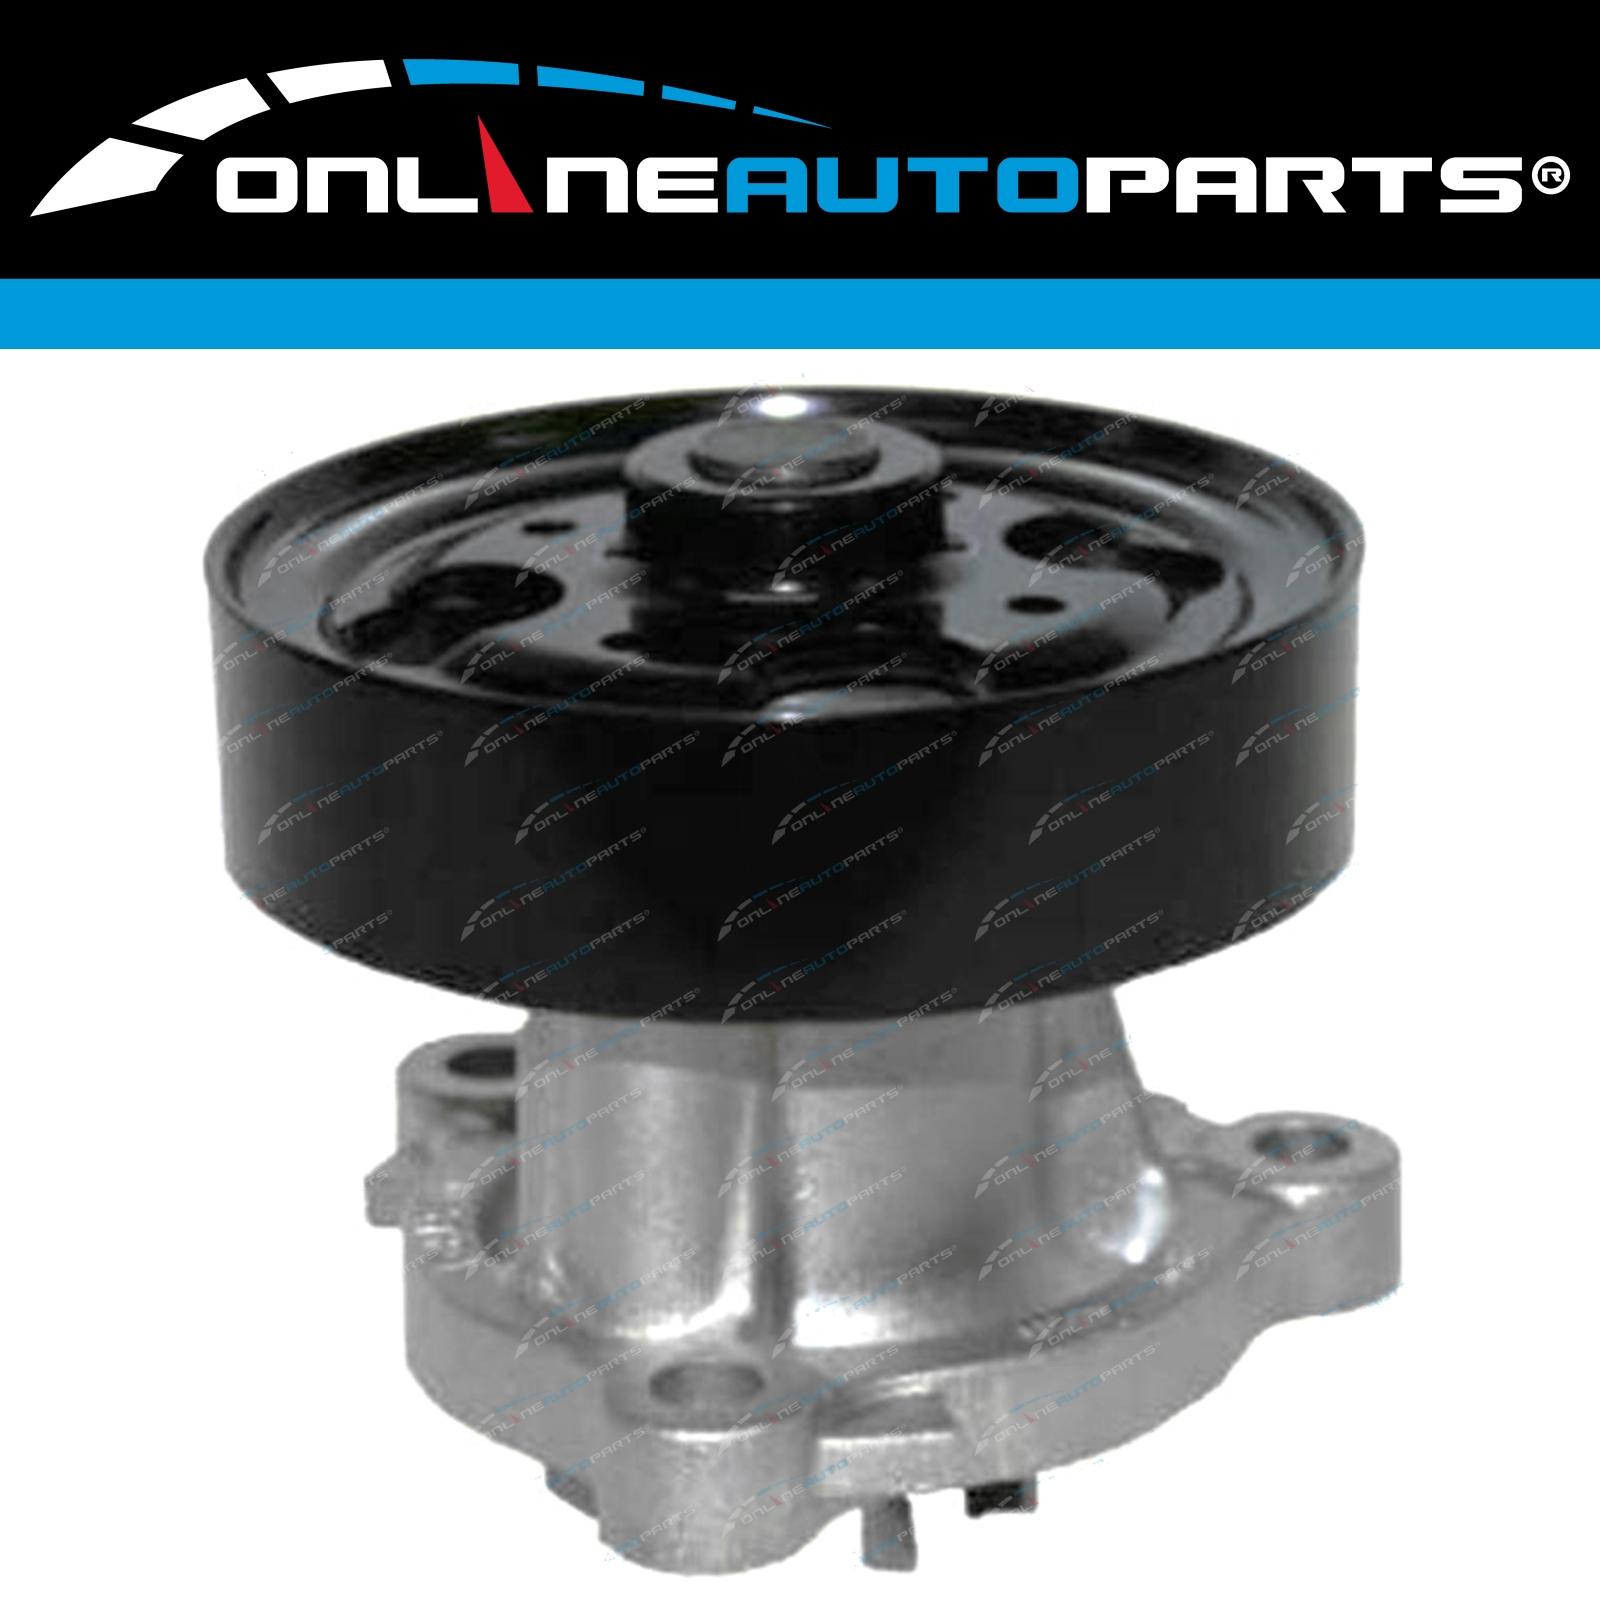 New OEM QUALITY Water Pump For Nissan X-trail T31 III IV V 2.5L QR25DE